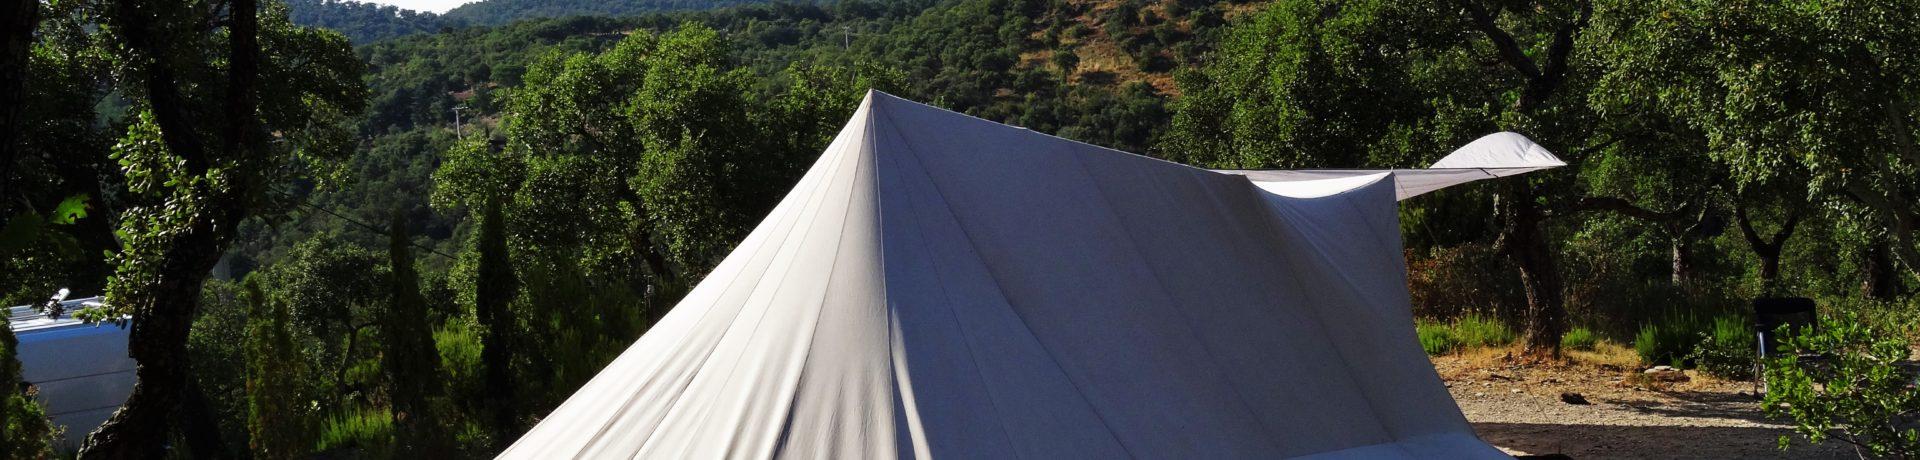 Camping Al Comu is een kleine, rustige natuurcamping op het platteland in het Franse deel van Catalonië, op 20 kilometer van de Middellandse Zee en 15 kilometer van de Spaanse grens.